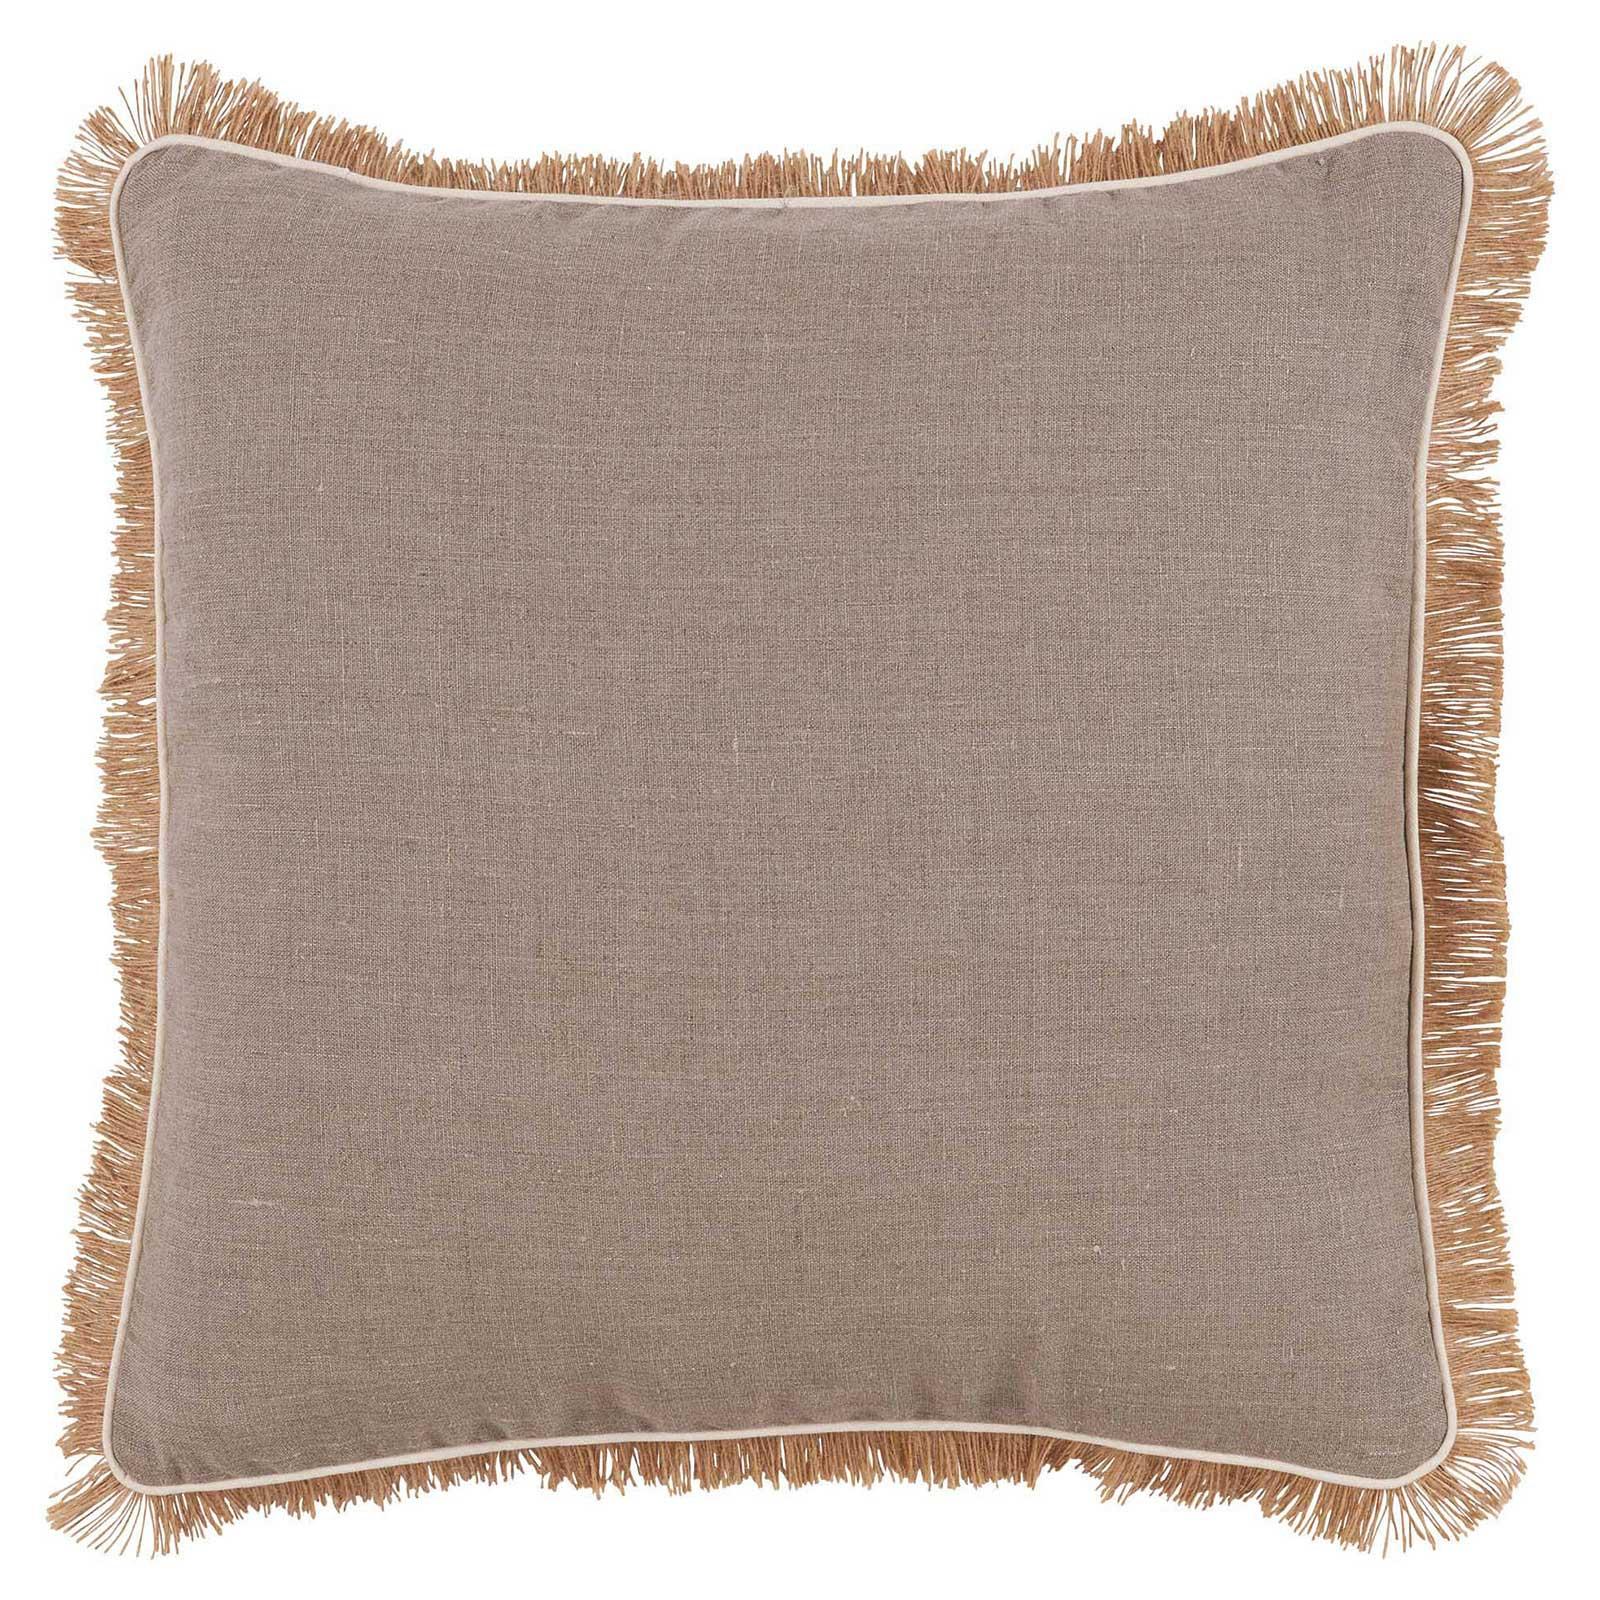 Mamie Modern Pipe Fringe Beige Linen Pillow - 24x24